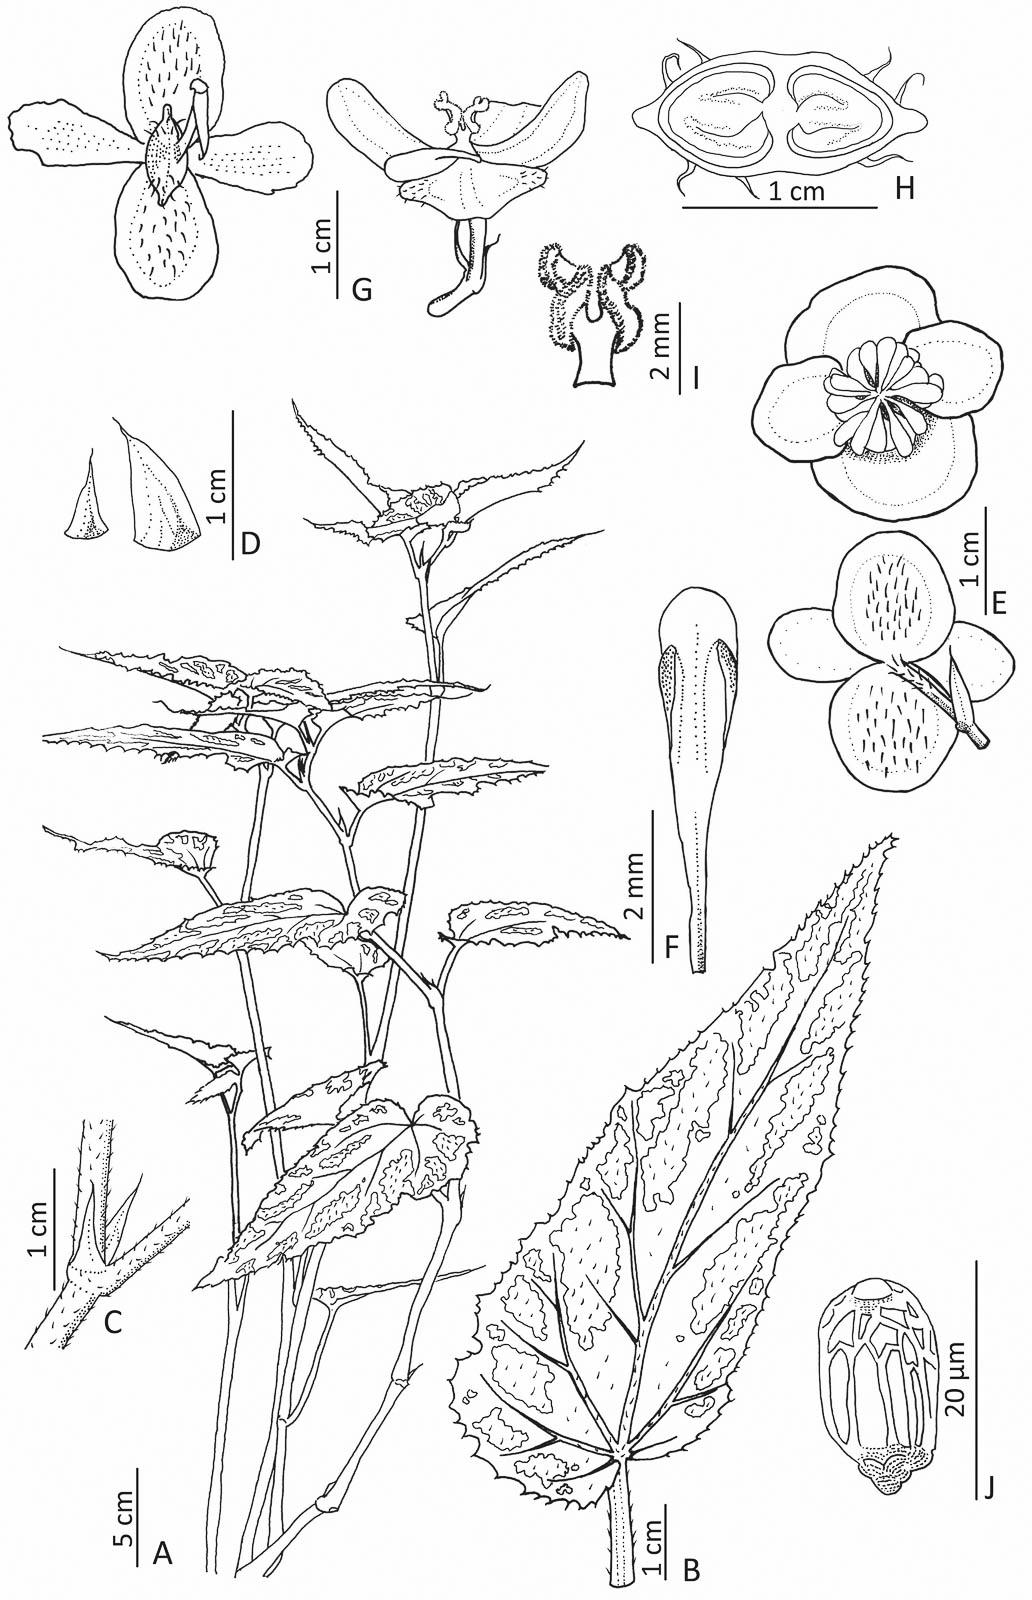 Att beskriva en ny art kräver att den noggrant återges med bilder och skisser. Detta är ingenting för den slarvige utan kräver, förutom att ta sig till ensliga platser och kanske bestiga berg, dessutom ett sinne för det analytiska och kunskap om va